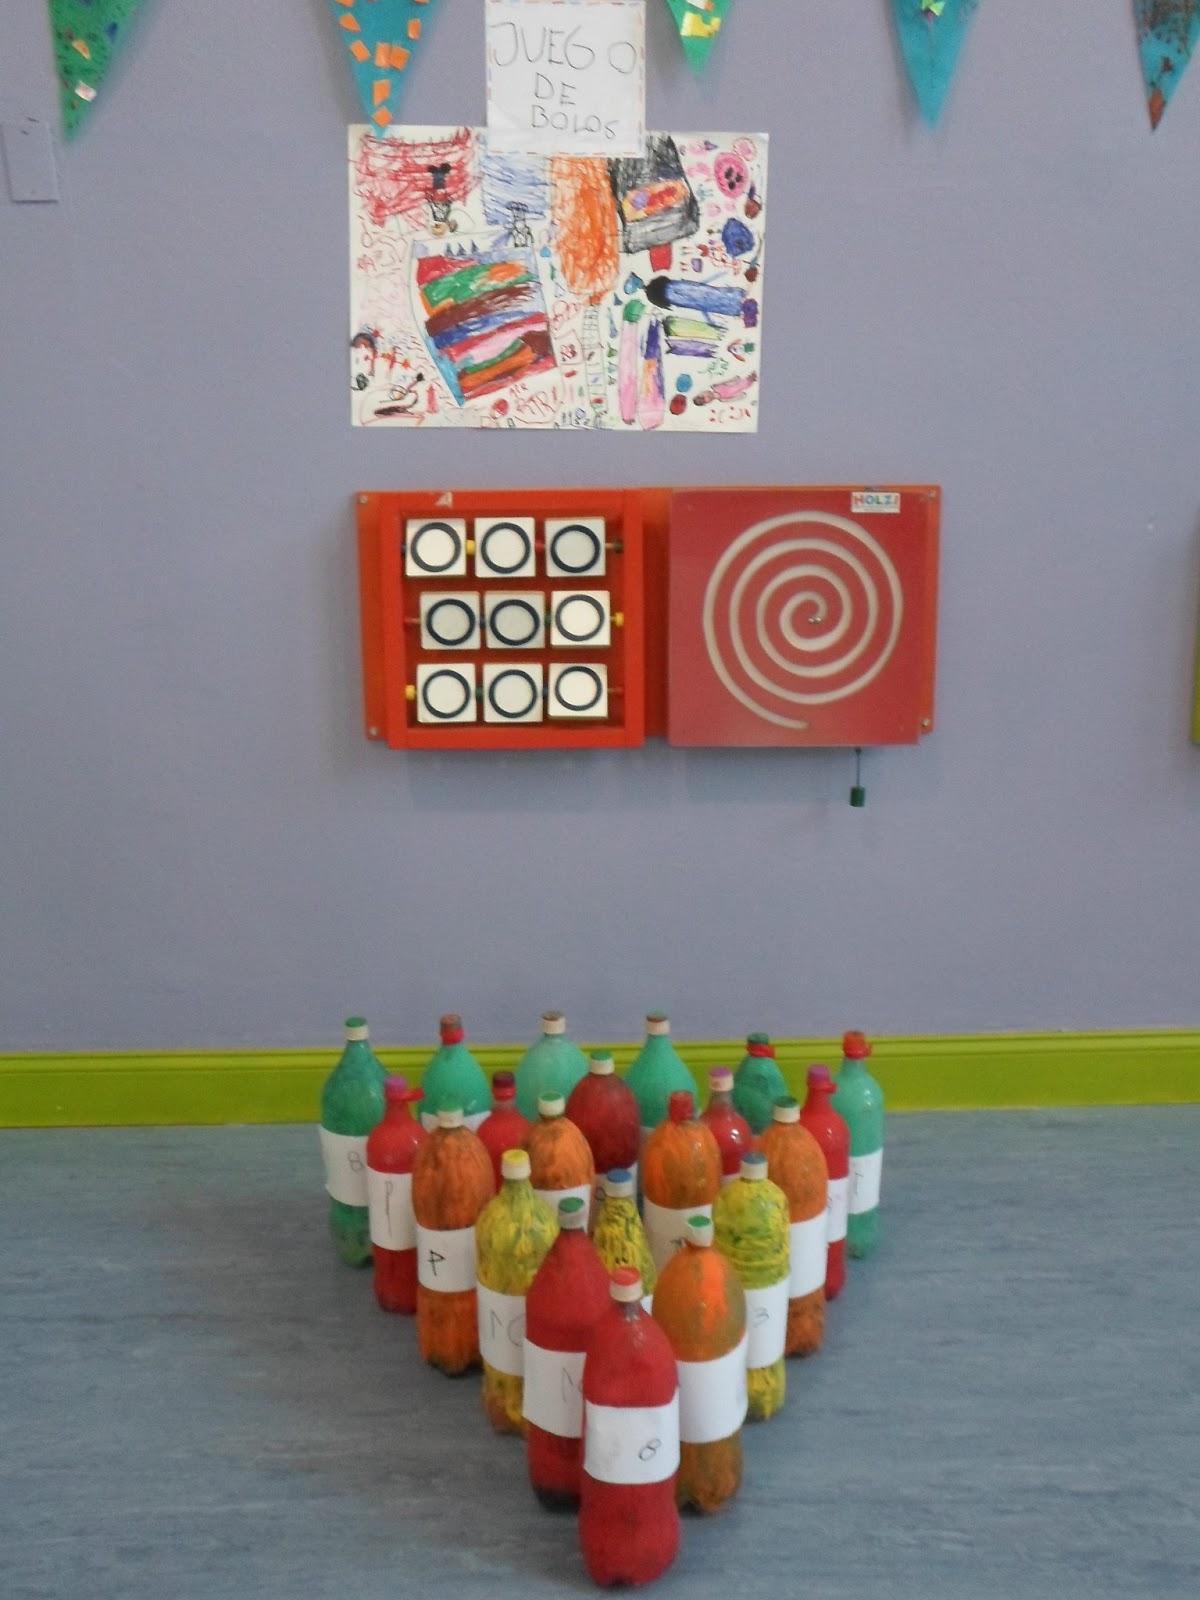 Jardin De Infancia Mitre Cierre Periodo De Inicio Salas De 5 Anos